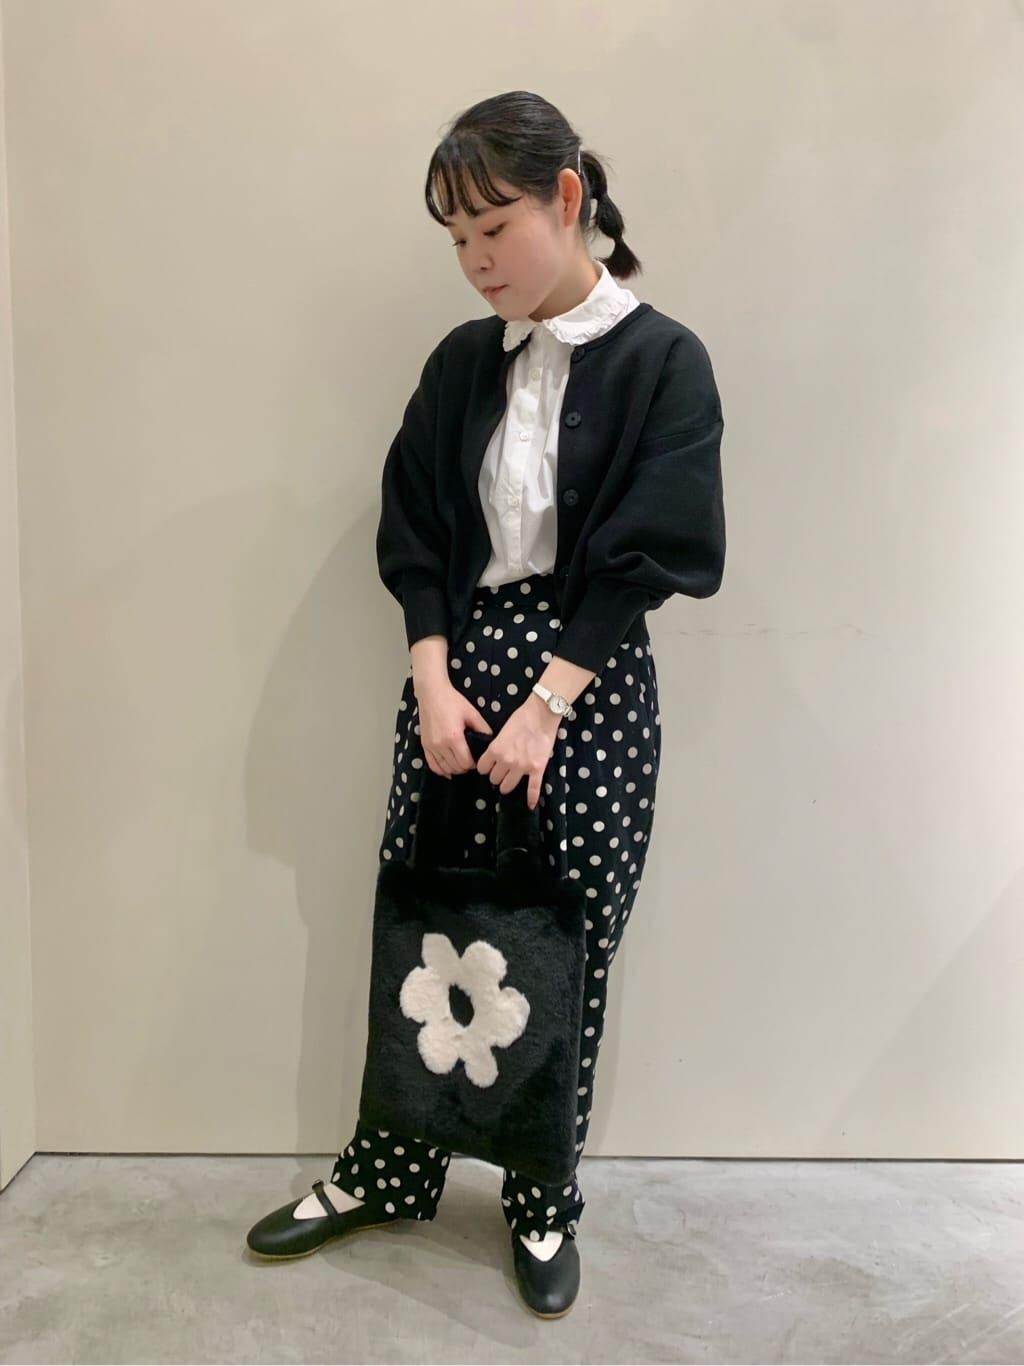 - CHILD WOMAN CHILD WOMAN , PAR ICI 新宿ミロード 身長:160cm 2021.09.26